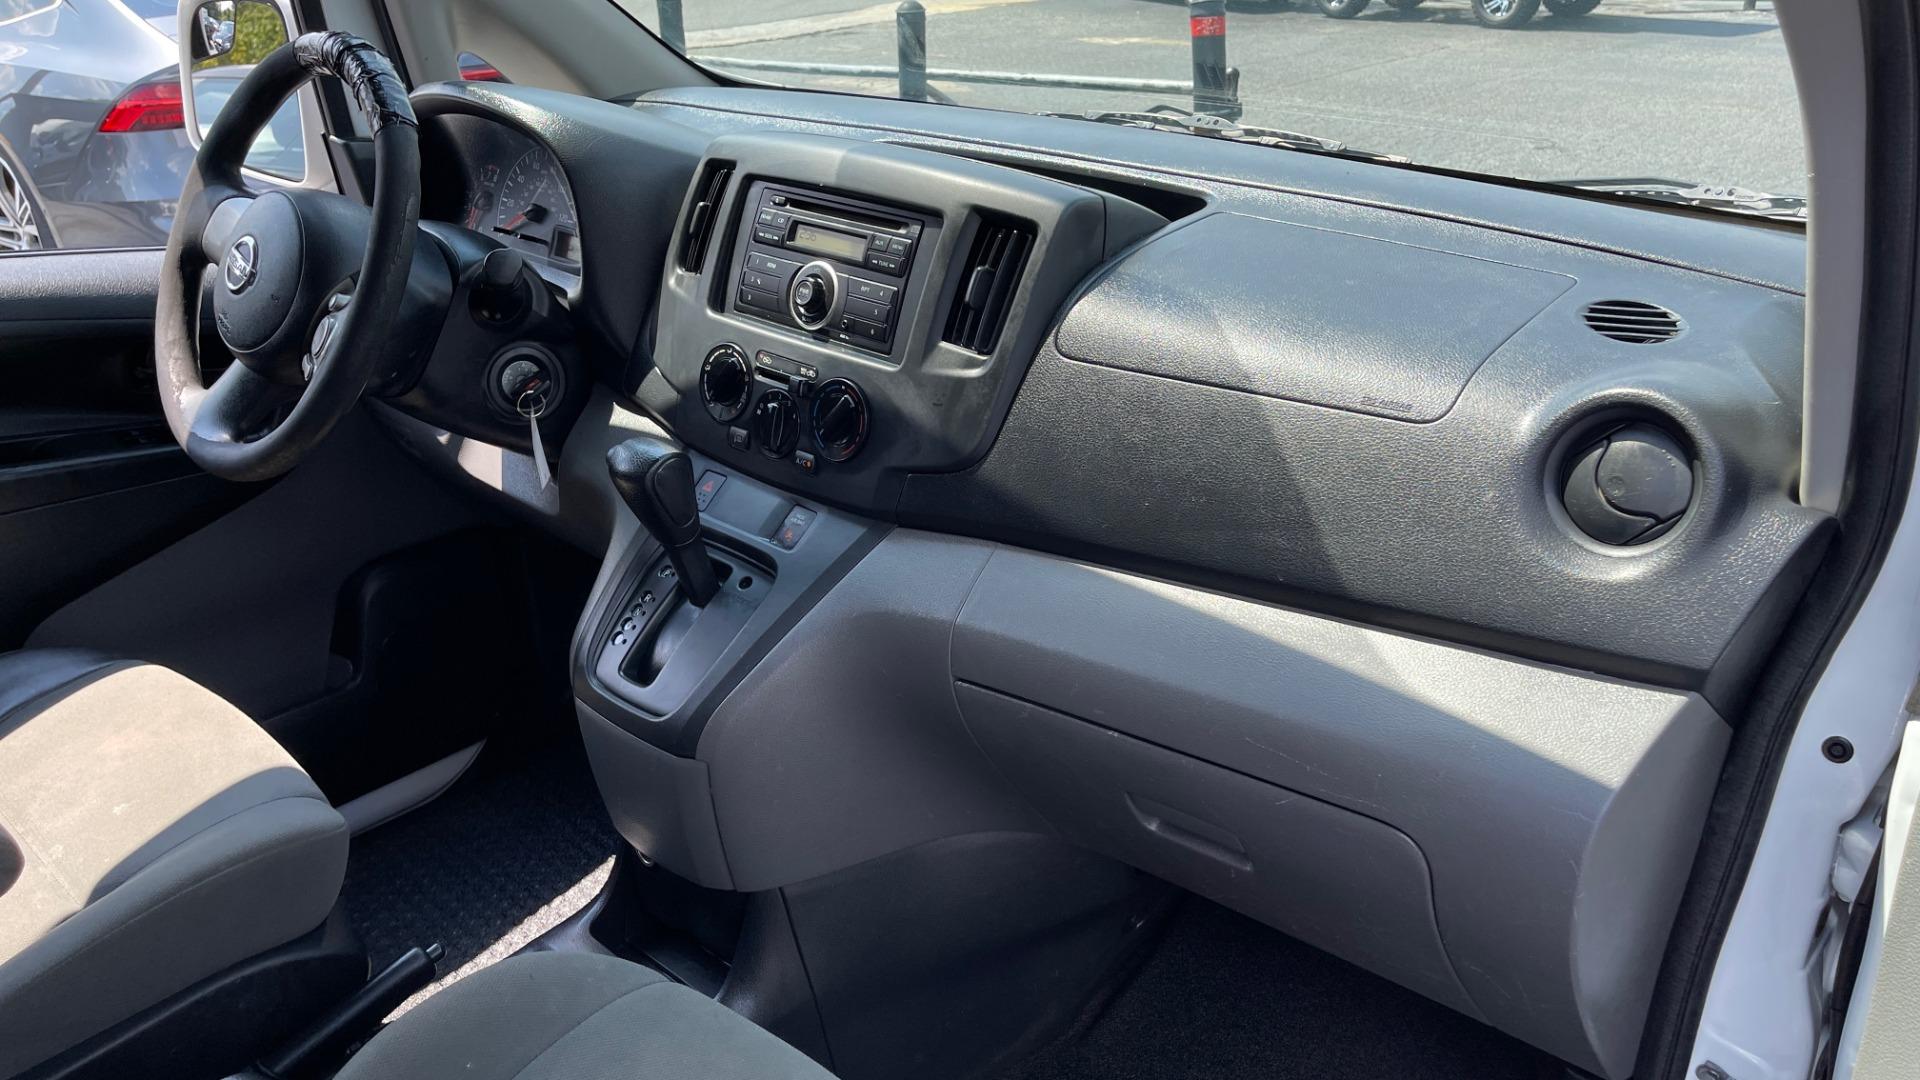 Used 2016 Nissan NV200 SV / WORK VAN / EXTERIOR APPEARANCE PKG / SPLASH GUARDS for sale $14,999 at Formula Imports in Charlotte NC 28227 51